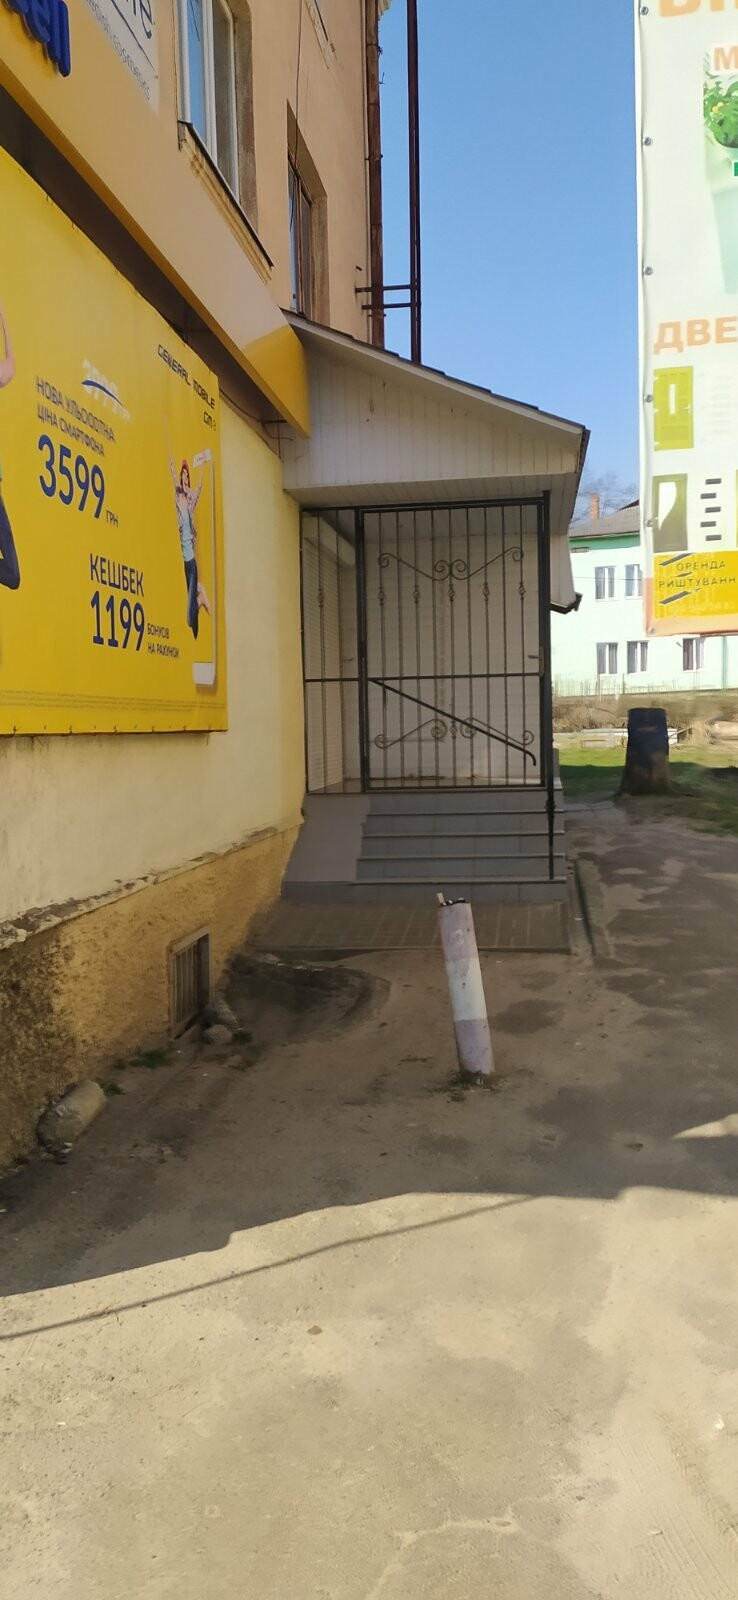 В Бориславі закривають торгові та розважальні заклади: (+Фото міста на карантині), фото-6